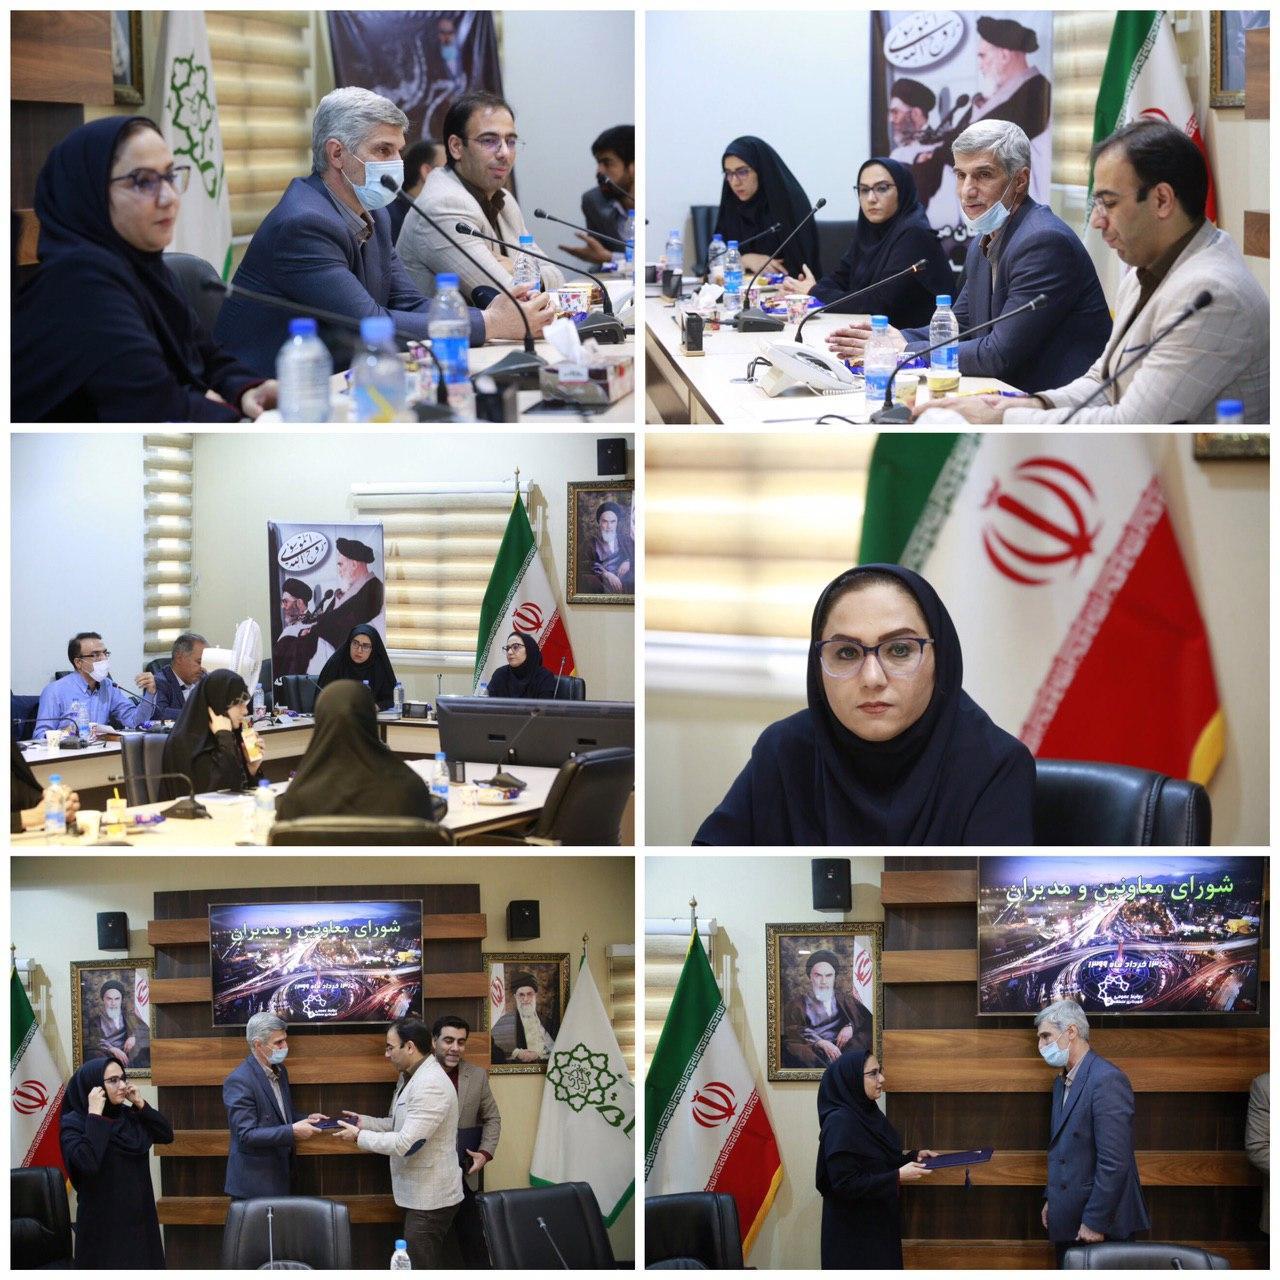 فتانه انفرادی سرپرست روابط عمومی شهرداری منطقه ۵ تهران شد